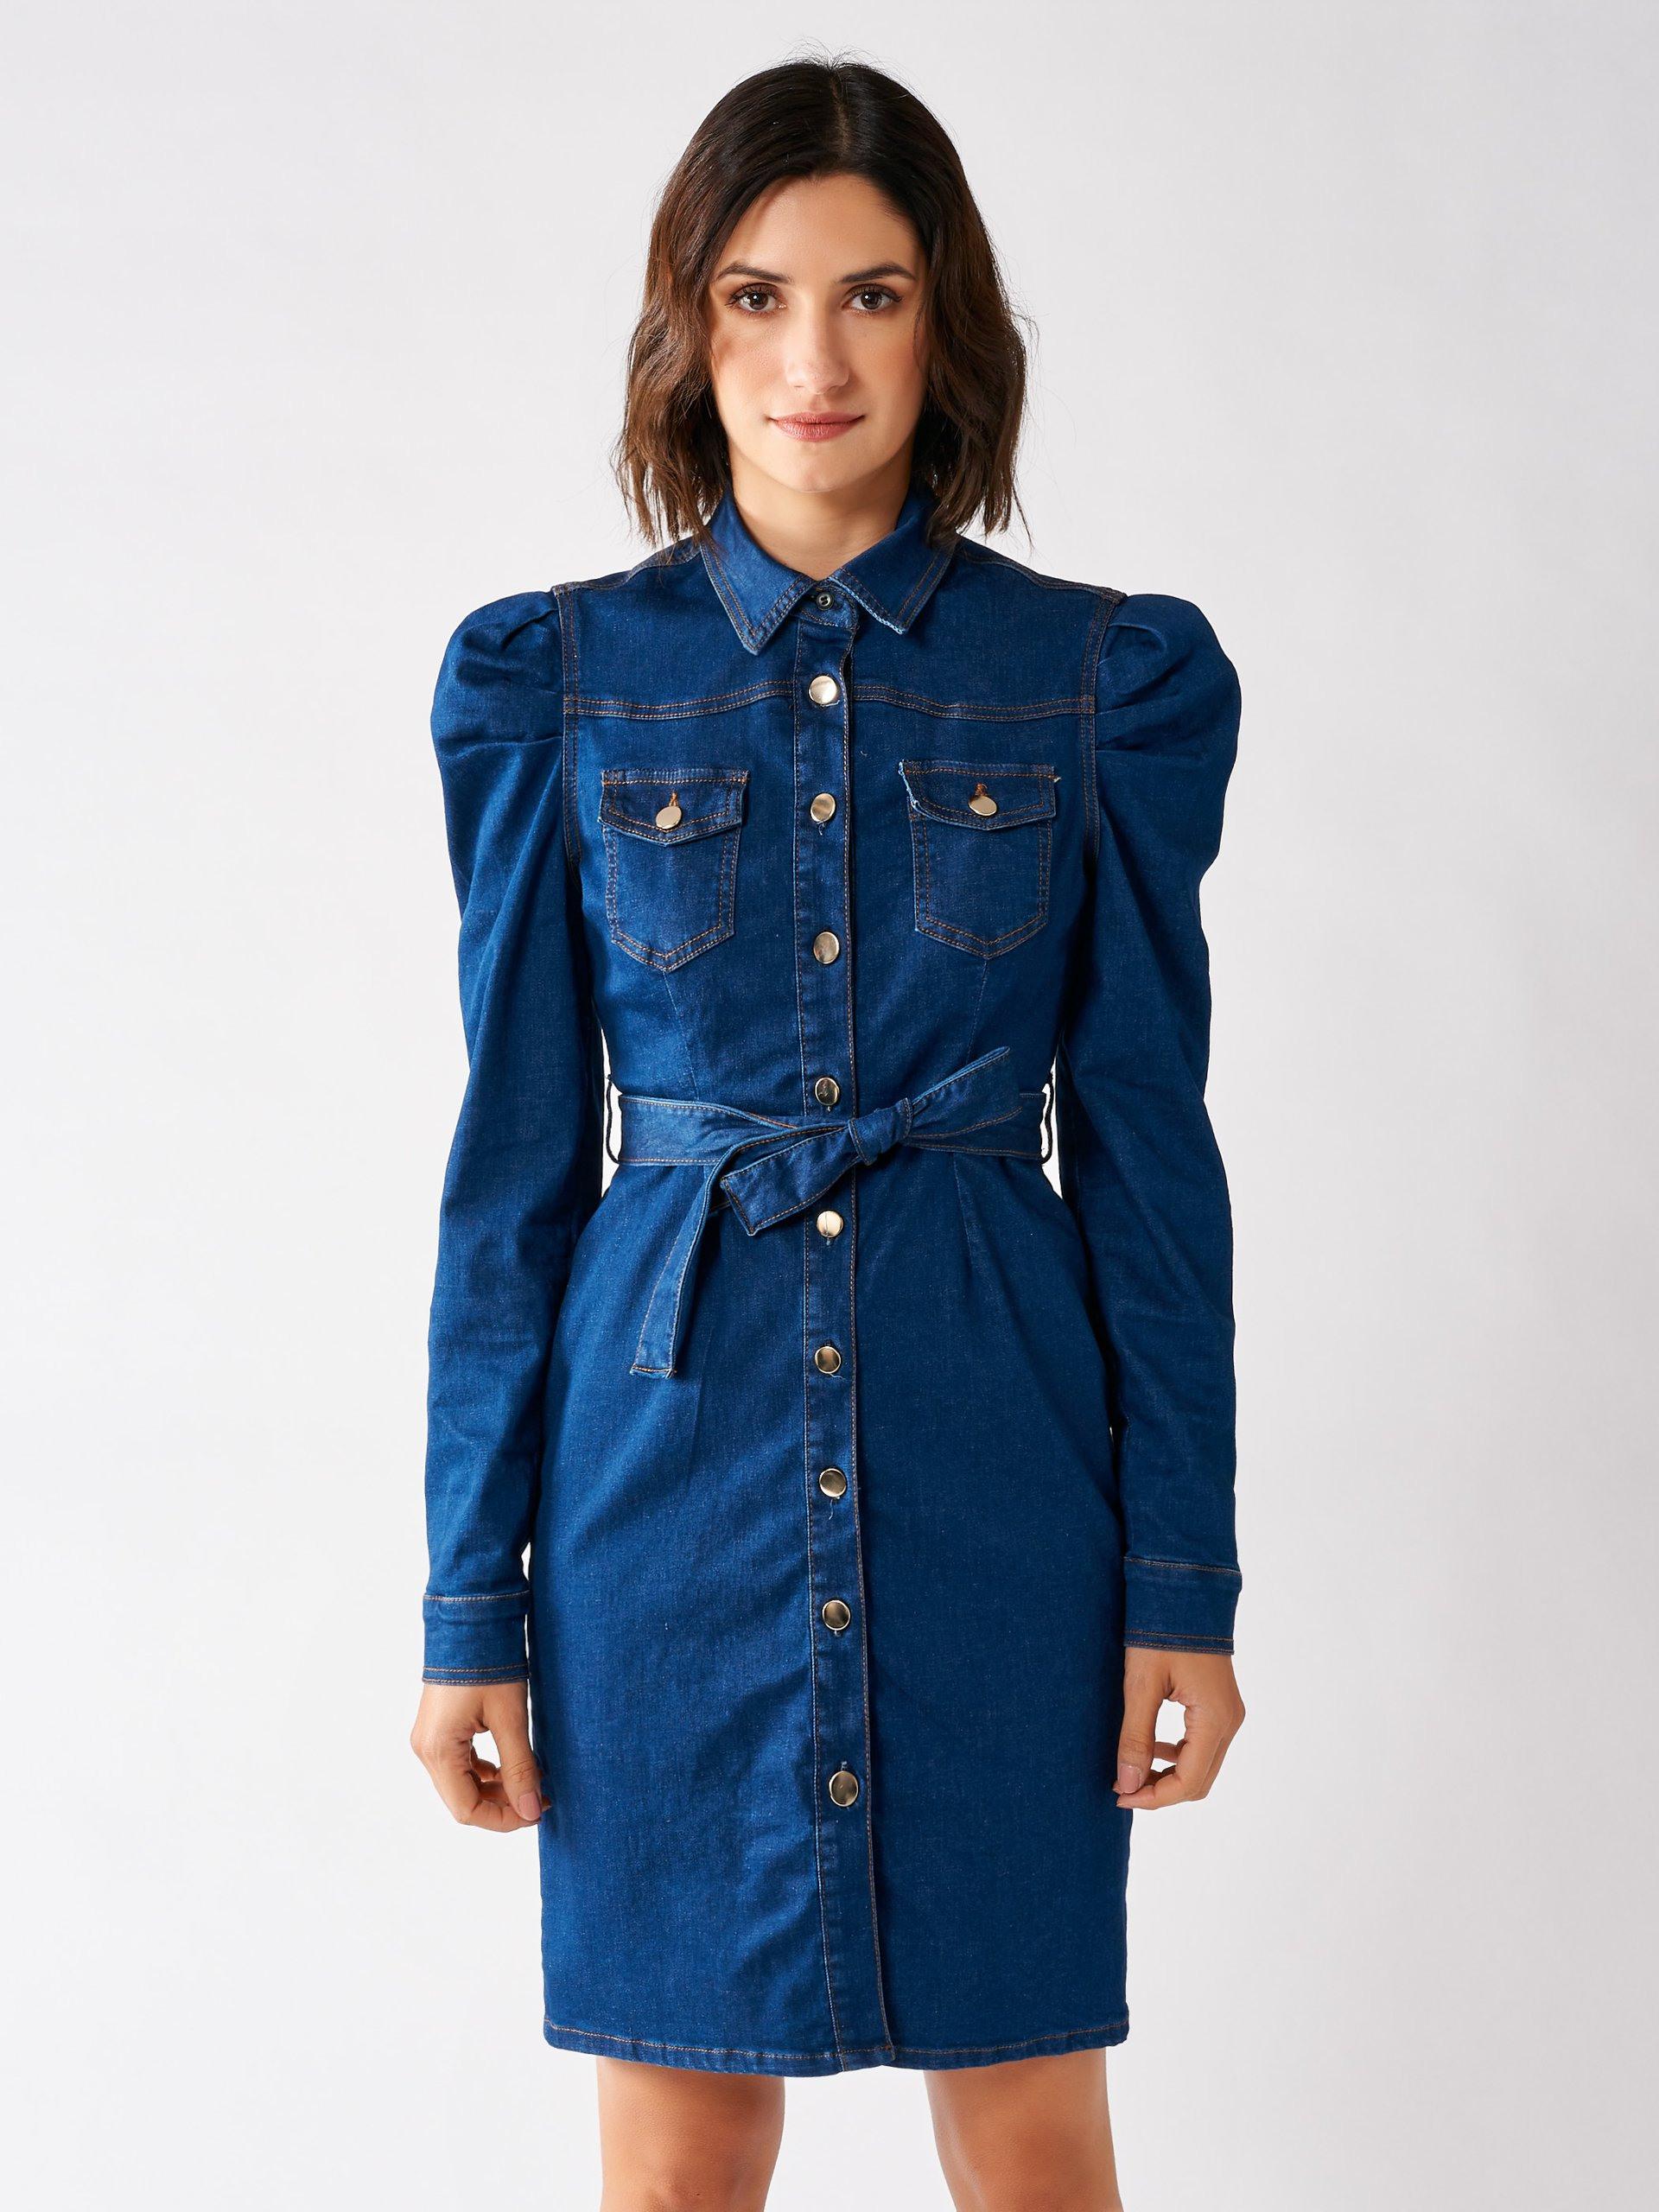 Kurzes Jeanskleid Blau  Rinascimento Kleider Fs 2020